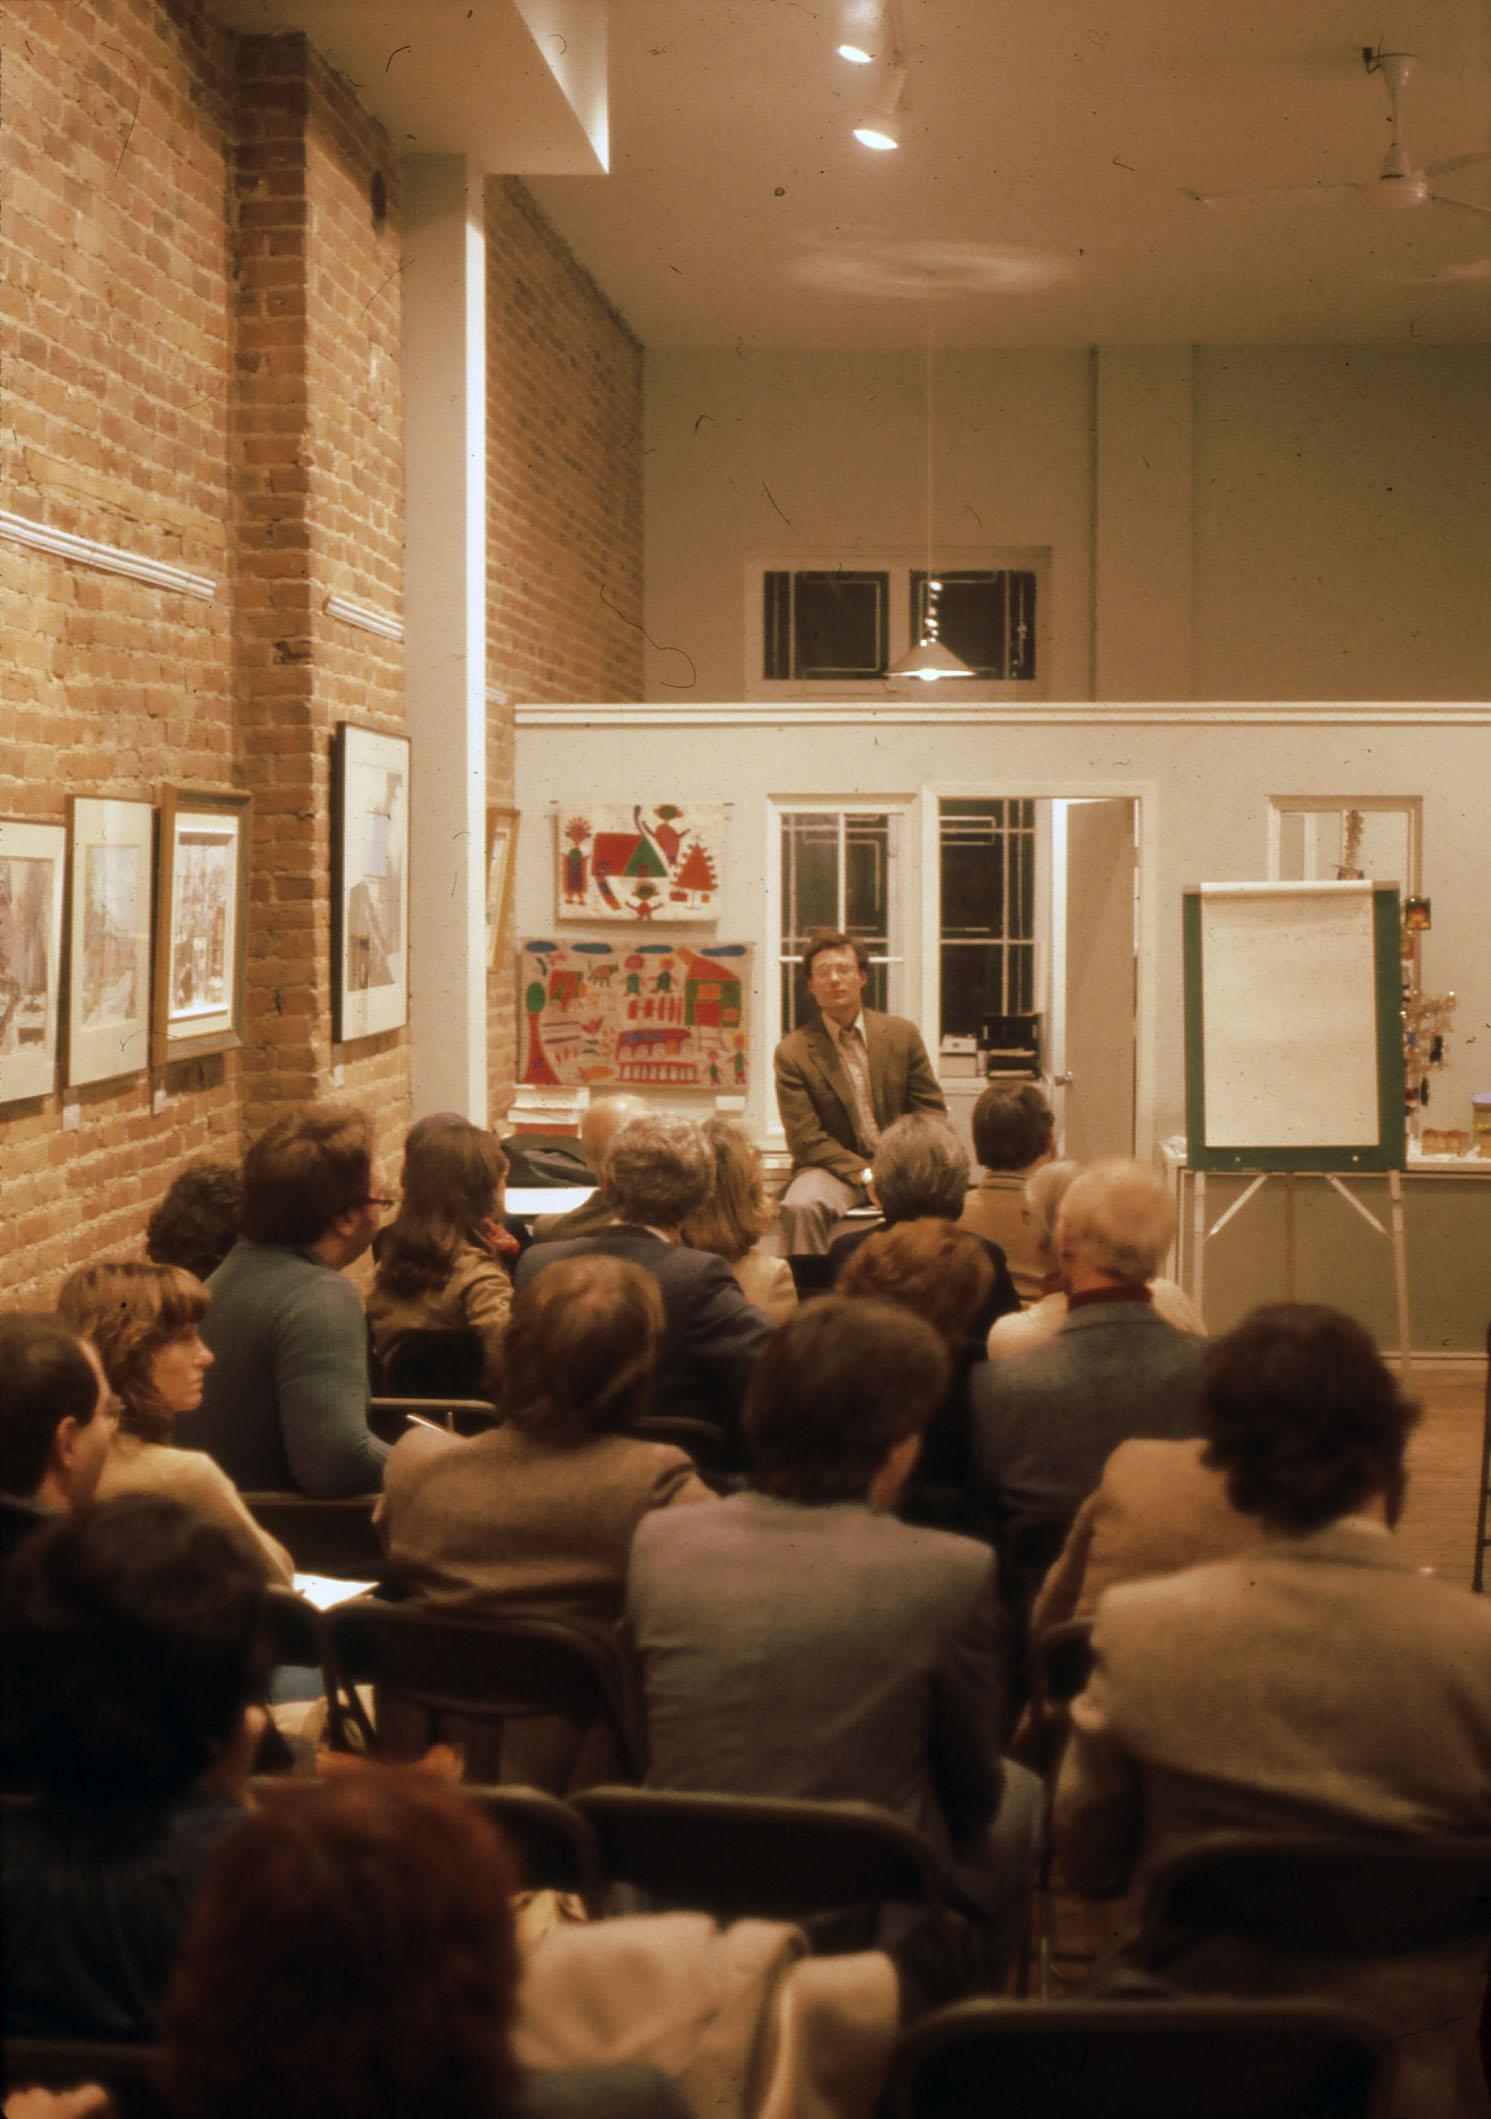 Un homme donne une formation devant une foule assise